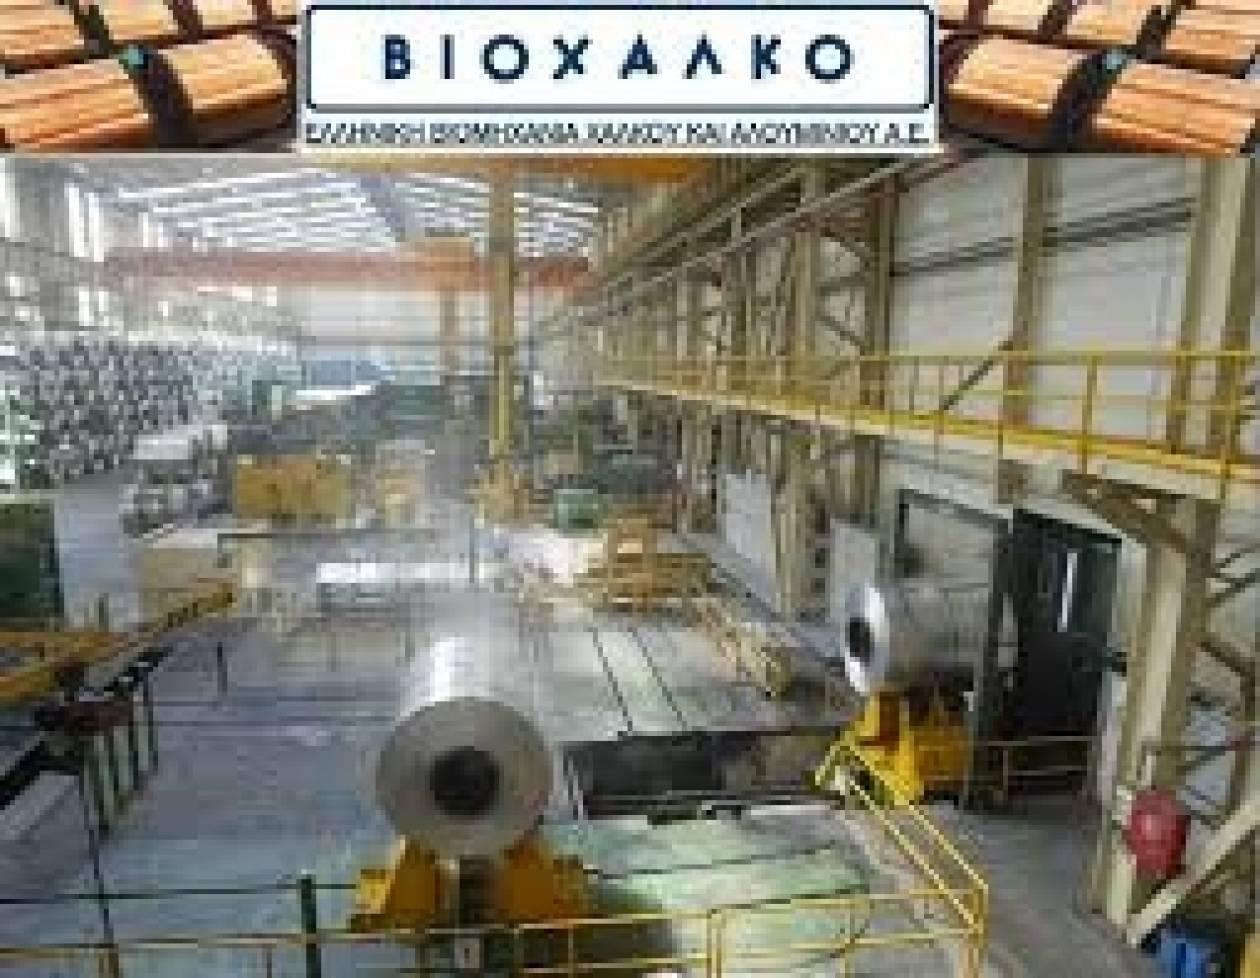 ΥΠΑΝ: Επιχορηγήσεις 30 εκατ. ευρώ στον όμιλο Βιοχάλκο